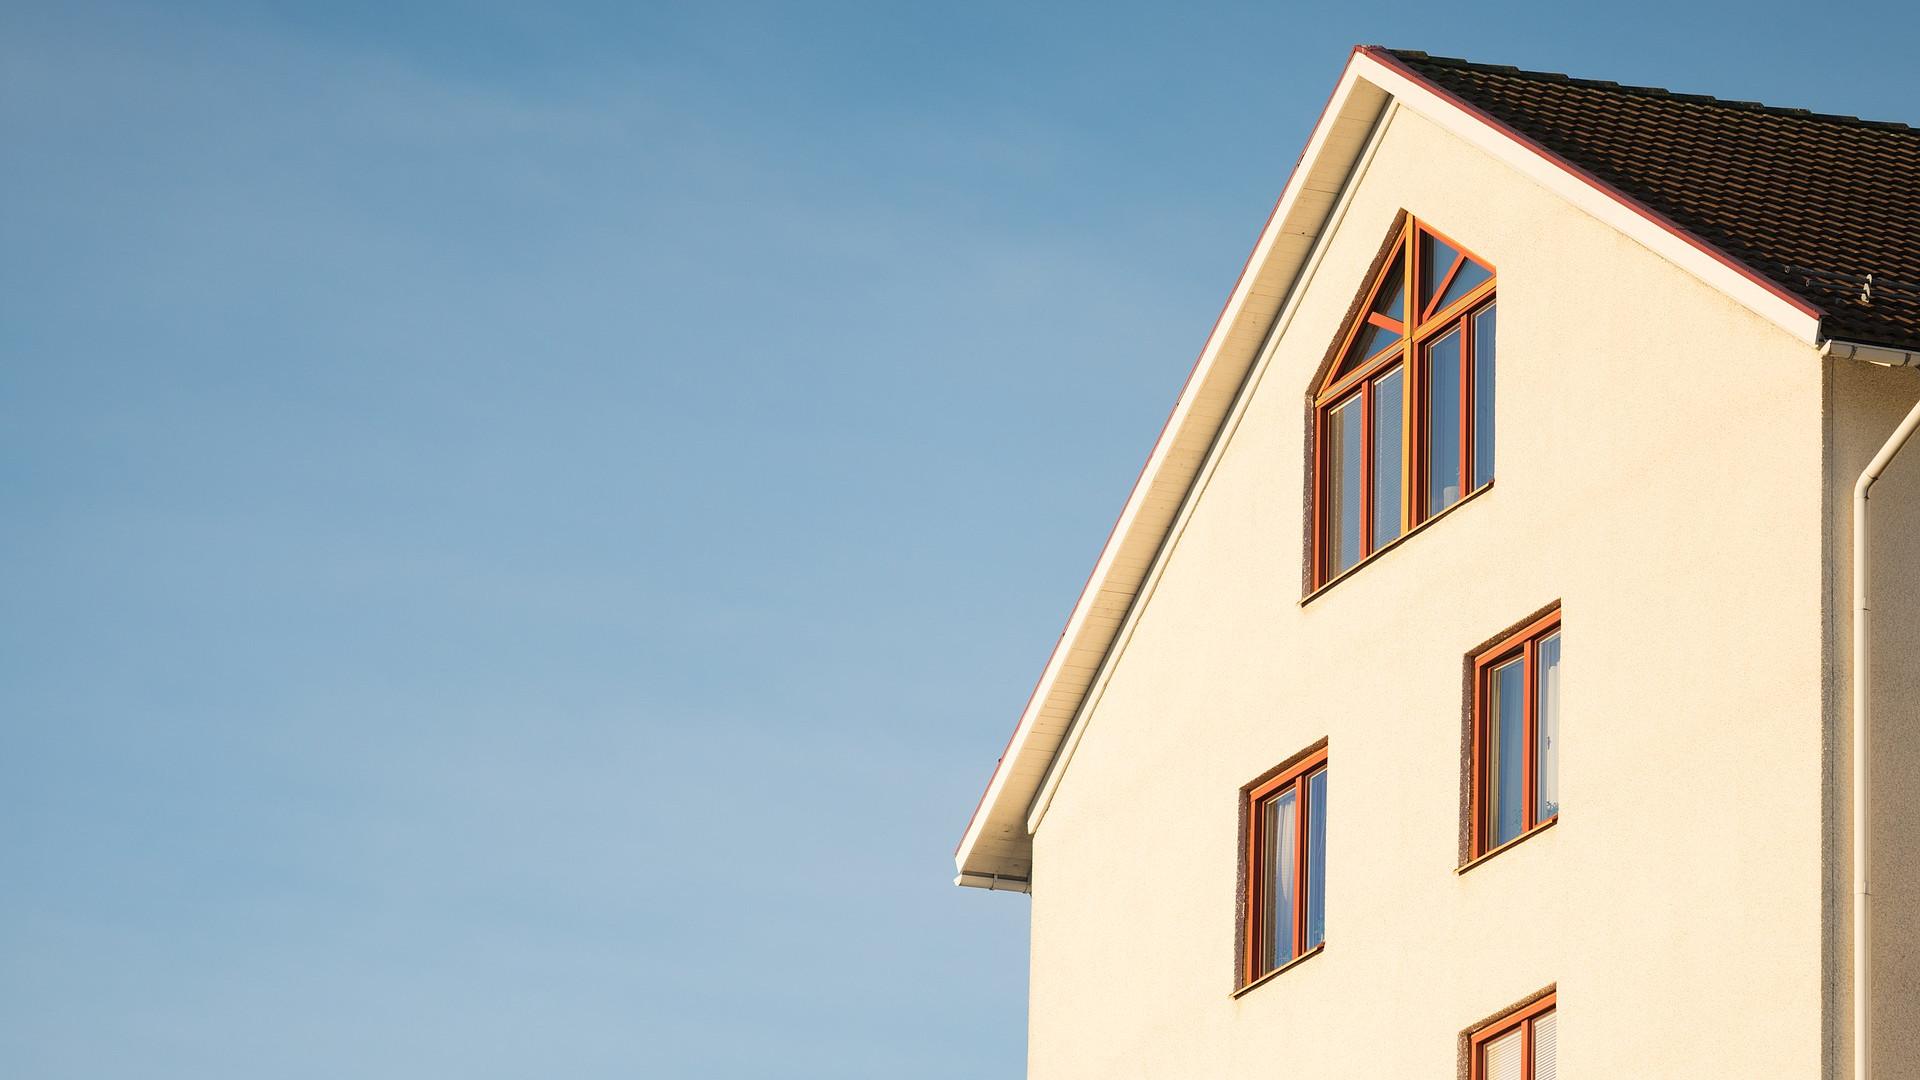 Assurez vos arrières en matière de prêt immobilier